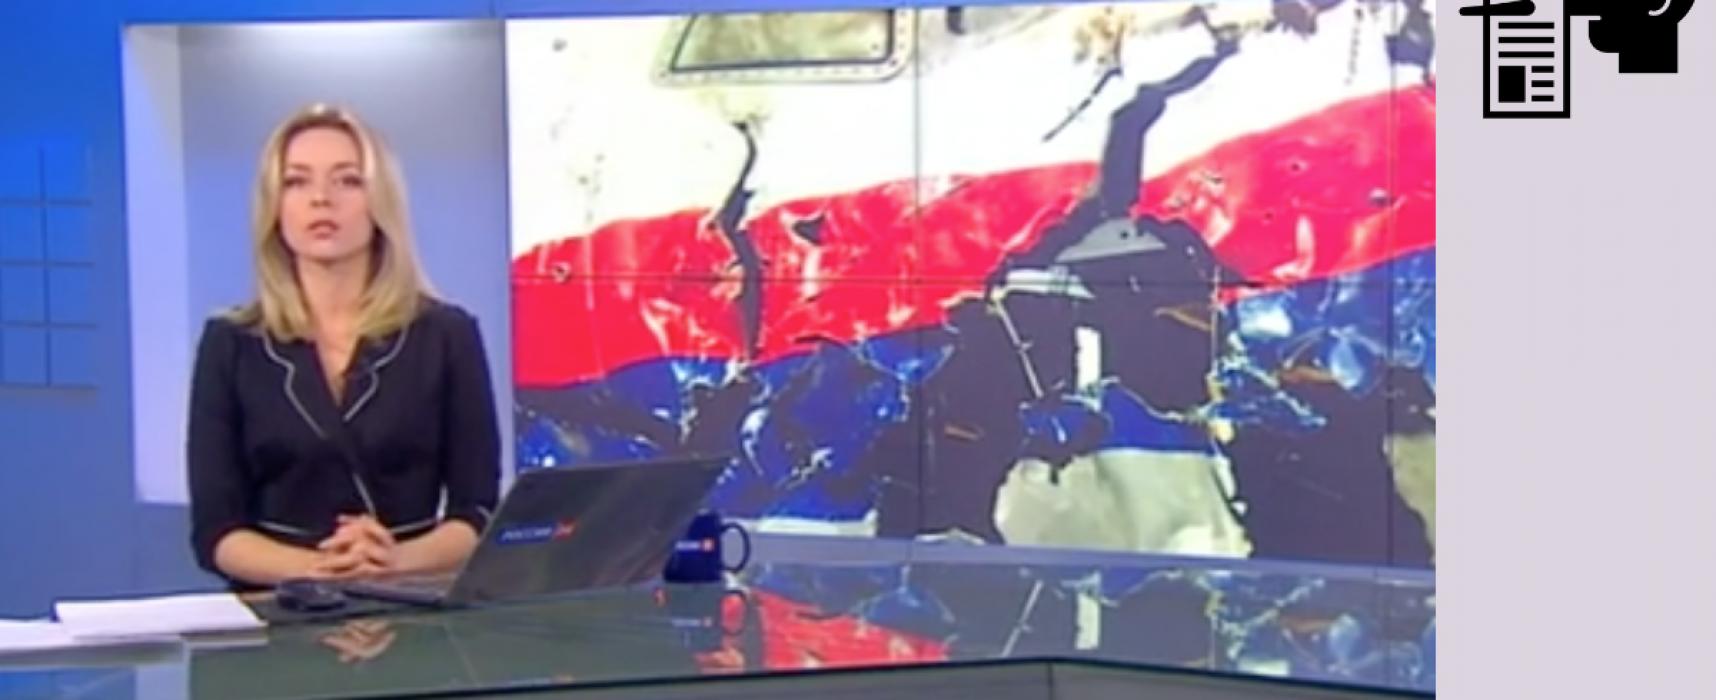 Фейк: Нидерланды признали вину Украины в крушении Boeing МН17 над Донбассом